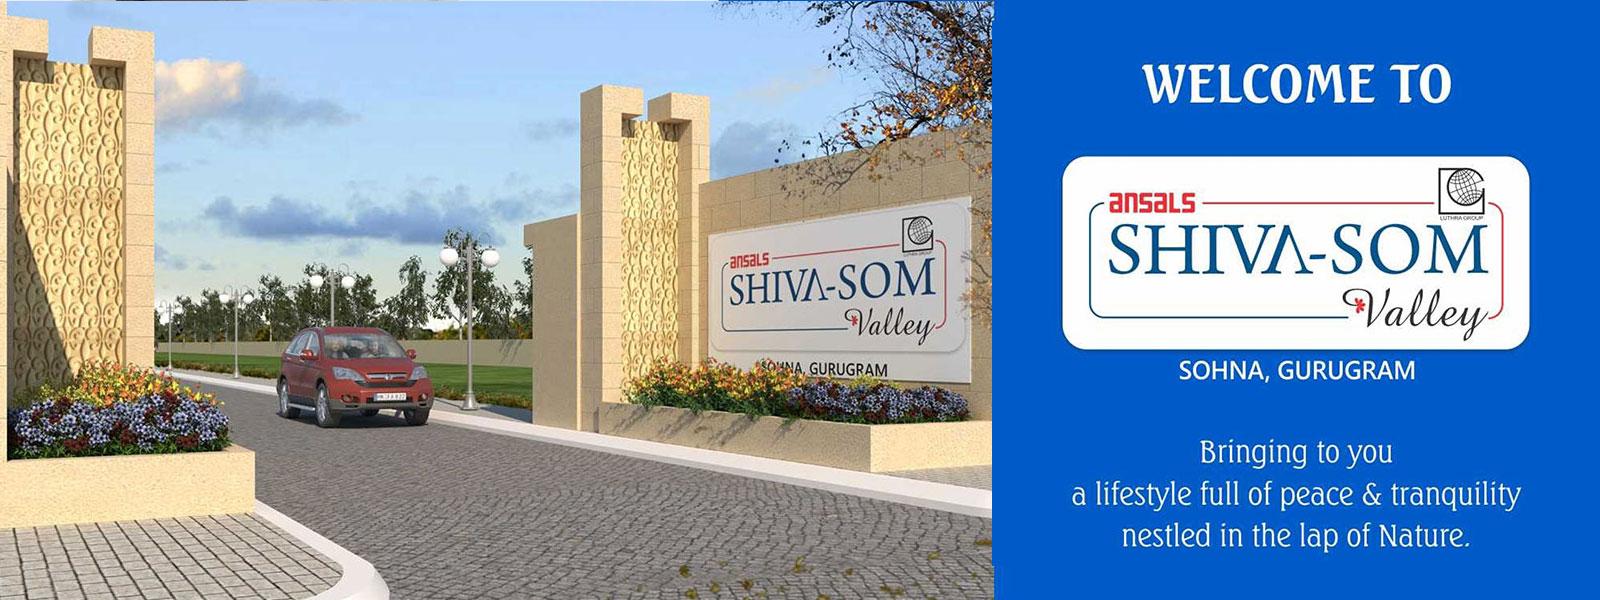 Ansal Shiva Som Valley Sohna